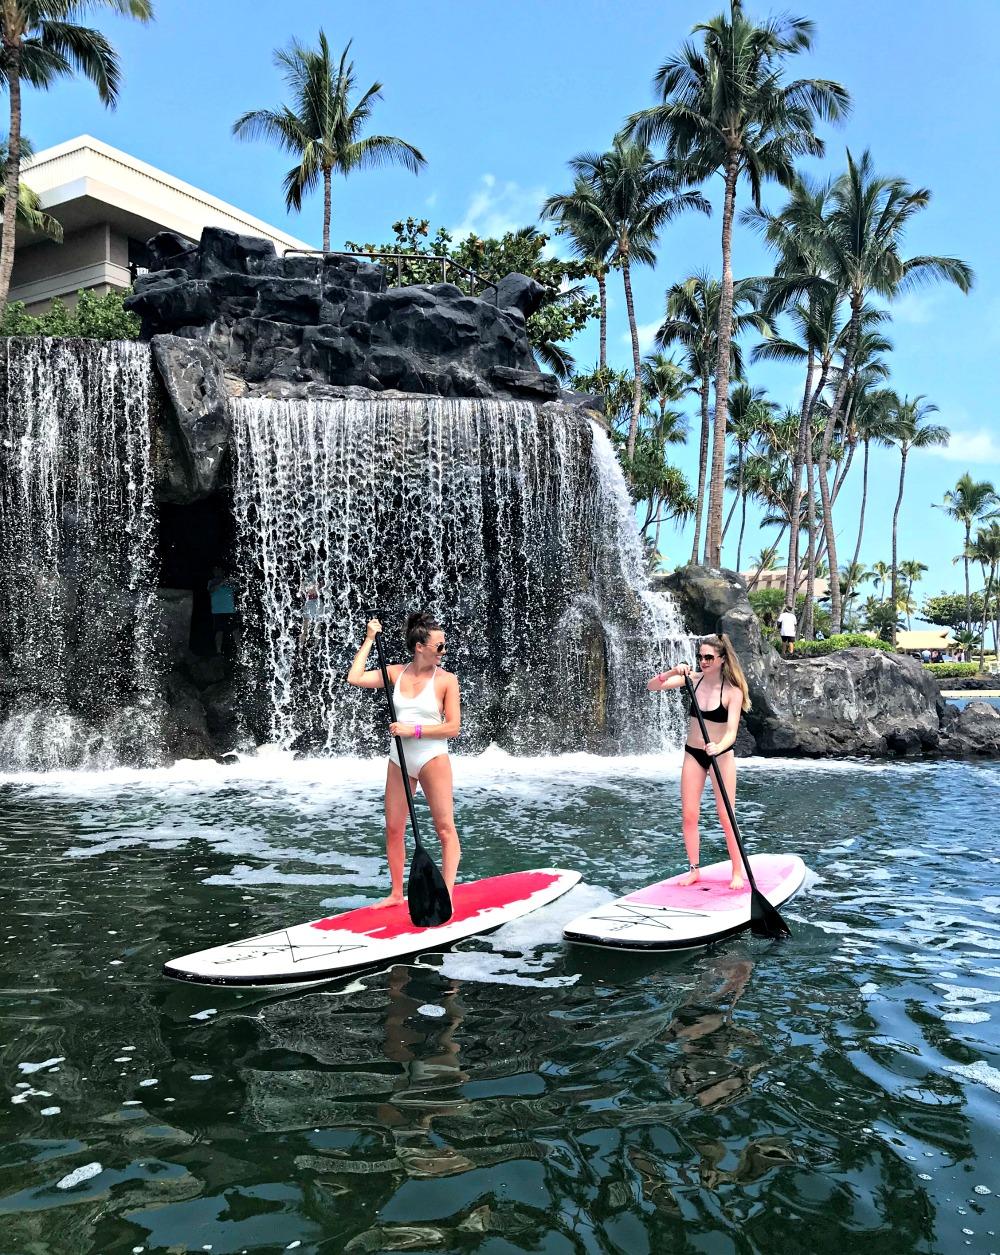 resort travel for a family vacation in Hawaii Hilton Waikaloa